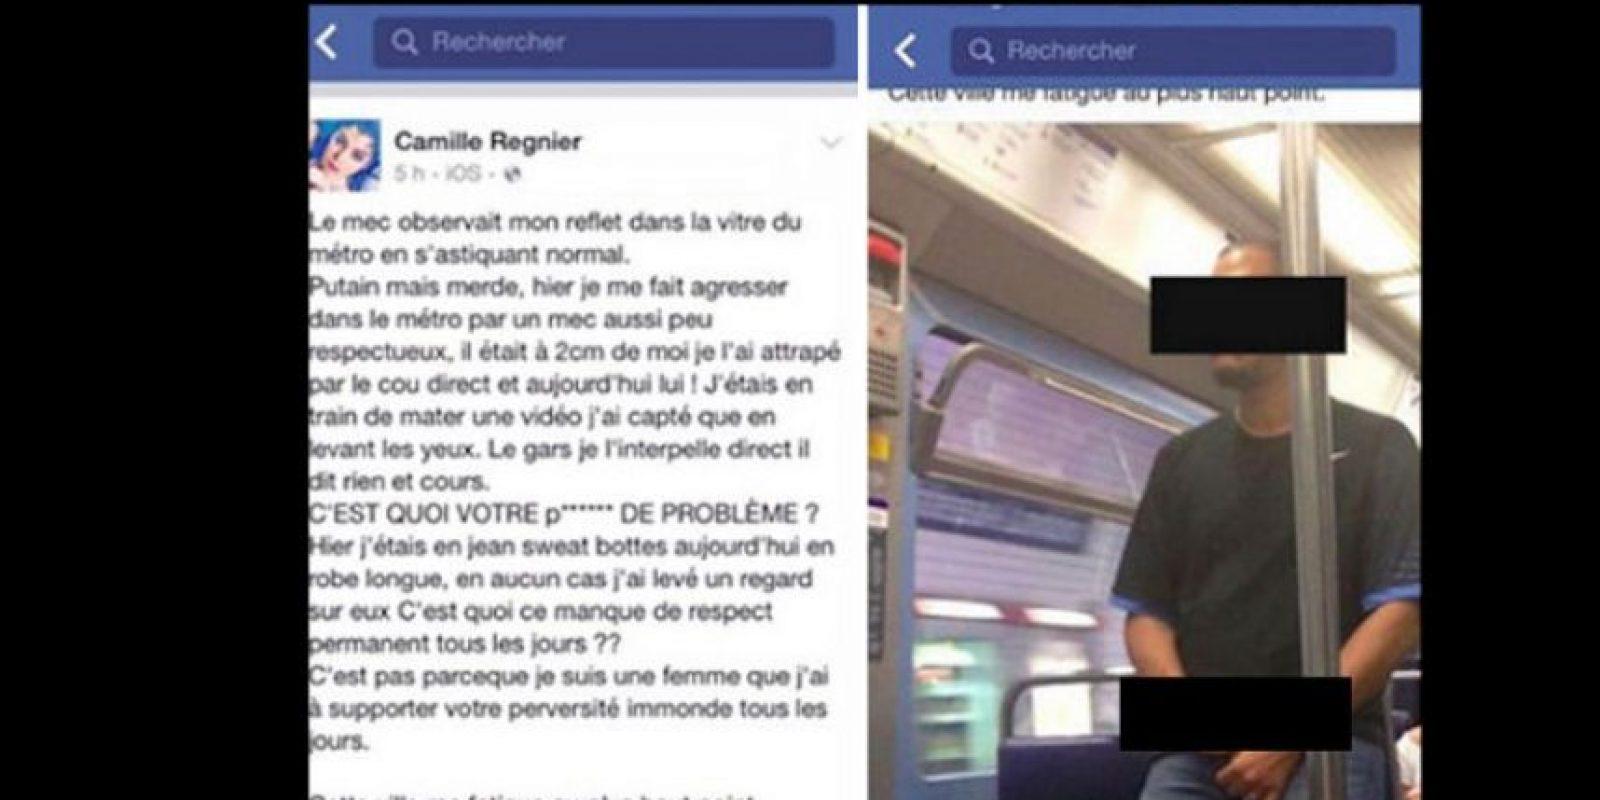 Un hombre se masturbó ahí, muy cerca a ella, mientras estaba en el metro. Ella le tomó una foto y lo denunció. Ahora las autoridades dieron con él, pero se niegan a revelar su identidad. Foto:vía Facebook/Camille Regnier